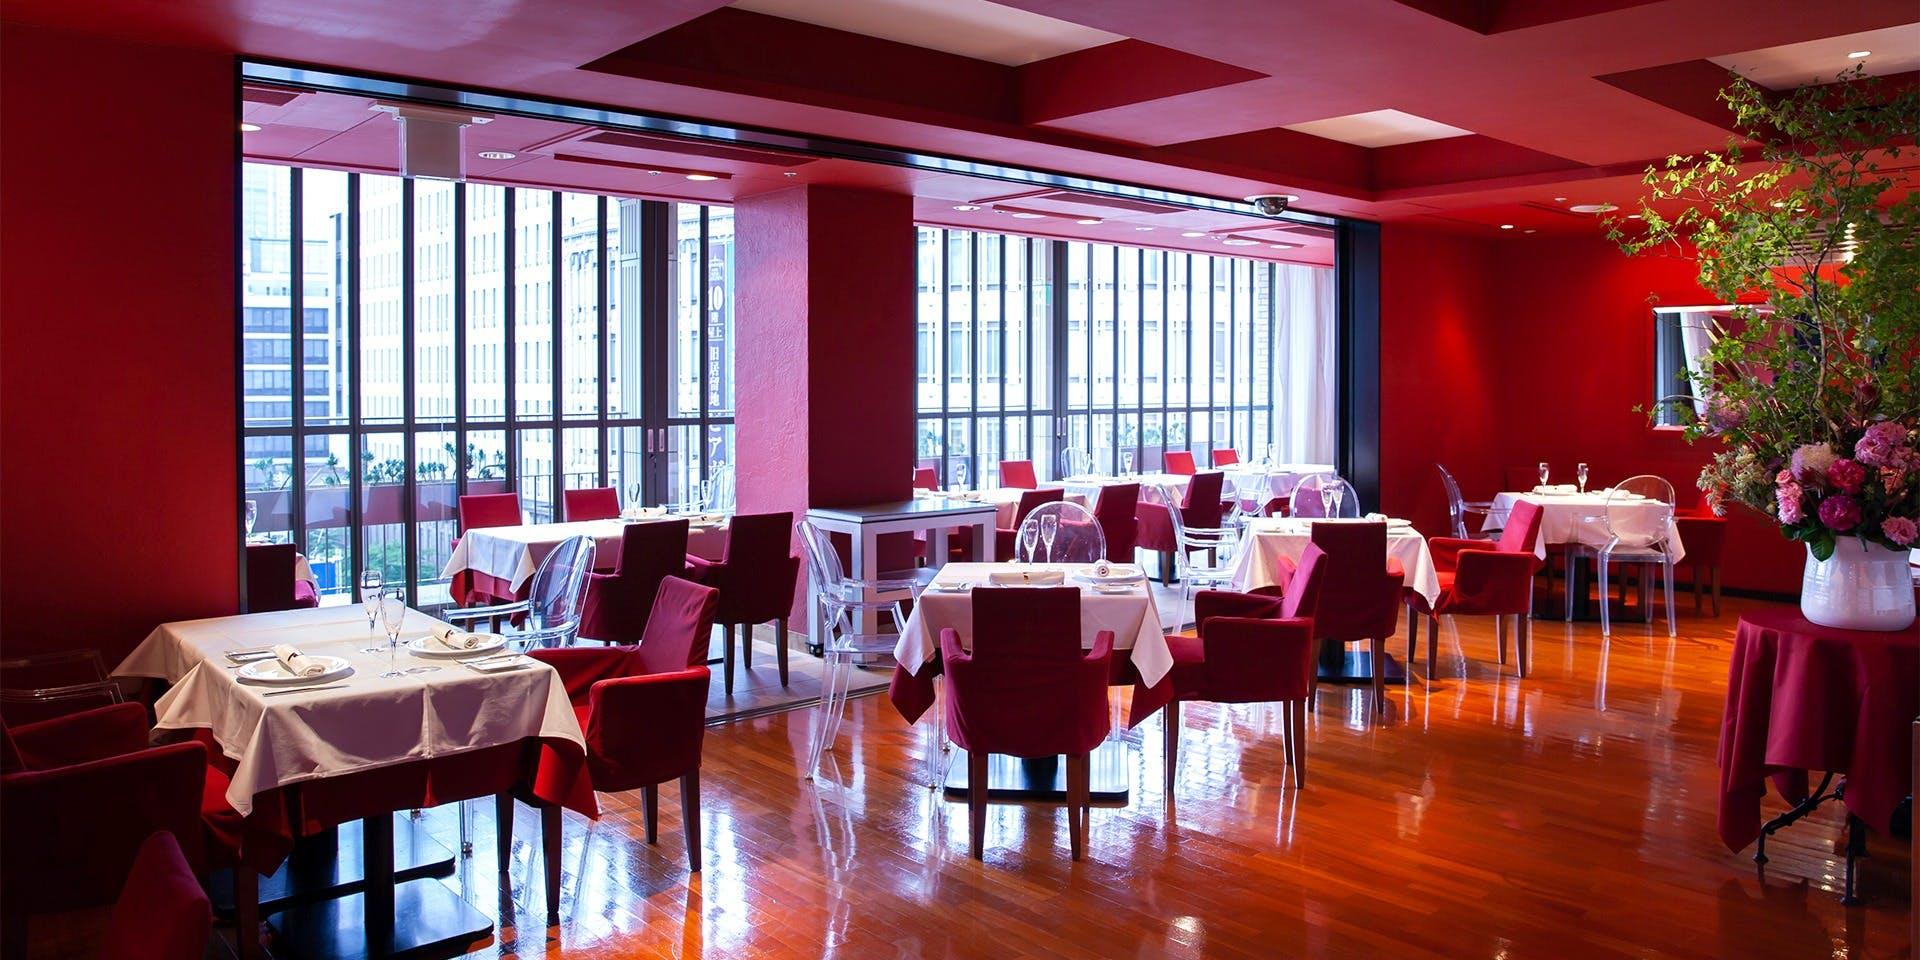 記念日におすすめのレストラン・イグレックベガの写真2